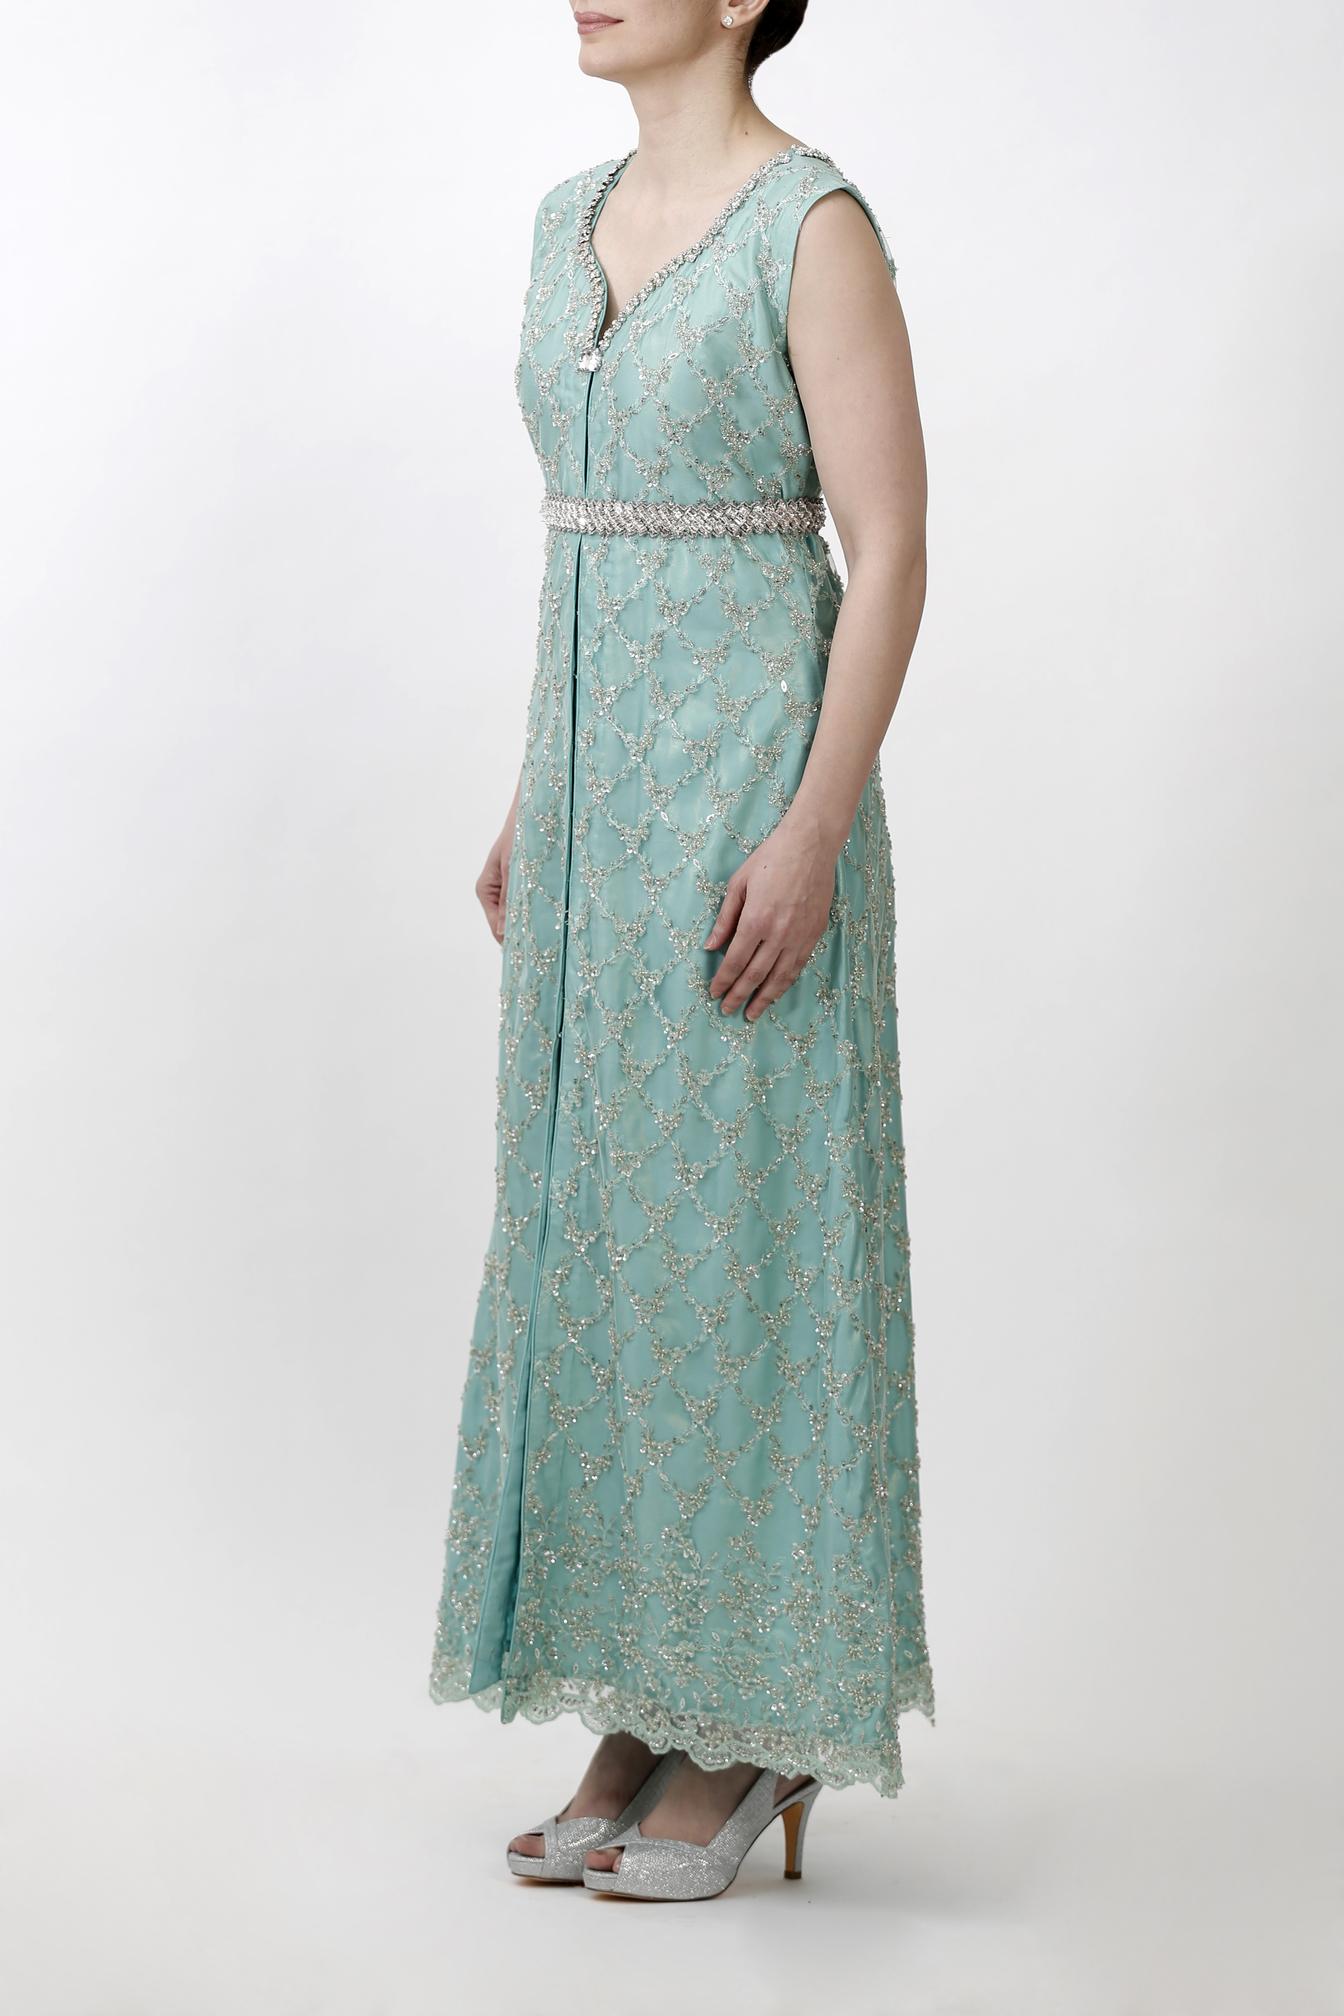 108 turquoise coat 1344x2016